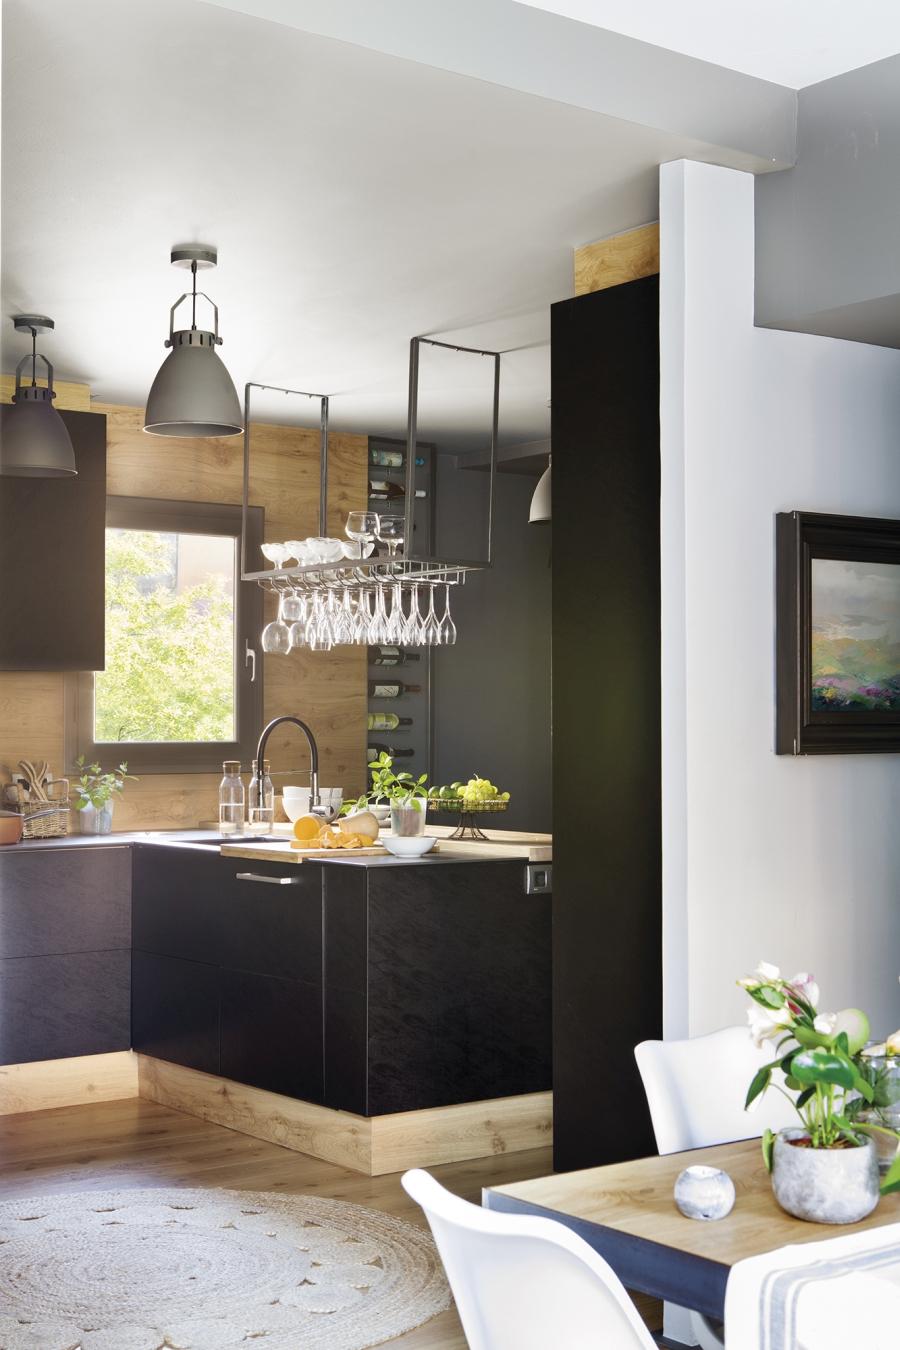 Mieszkanie w skandynawsko - industrialnym stylu, wystrój wnętrz, wnętrza, urządzanie domu, dekoracje wnętrz, aranżacja wnętrz, inspiracje wnętrz,interior design , dom i wnętrze, aranżacja mieszkania, modne wnętrza, styl skandynawski, styl industrialny, kuchnia, czarna kuchnia, industrialna kuchnia, projekt kuchni